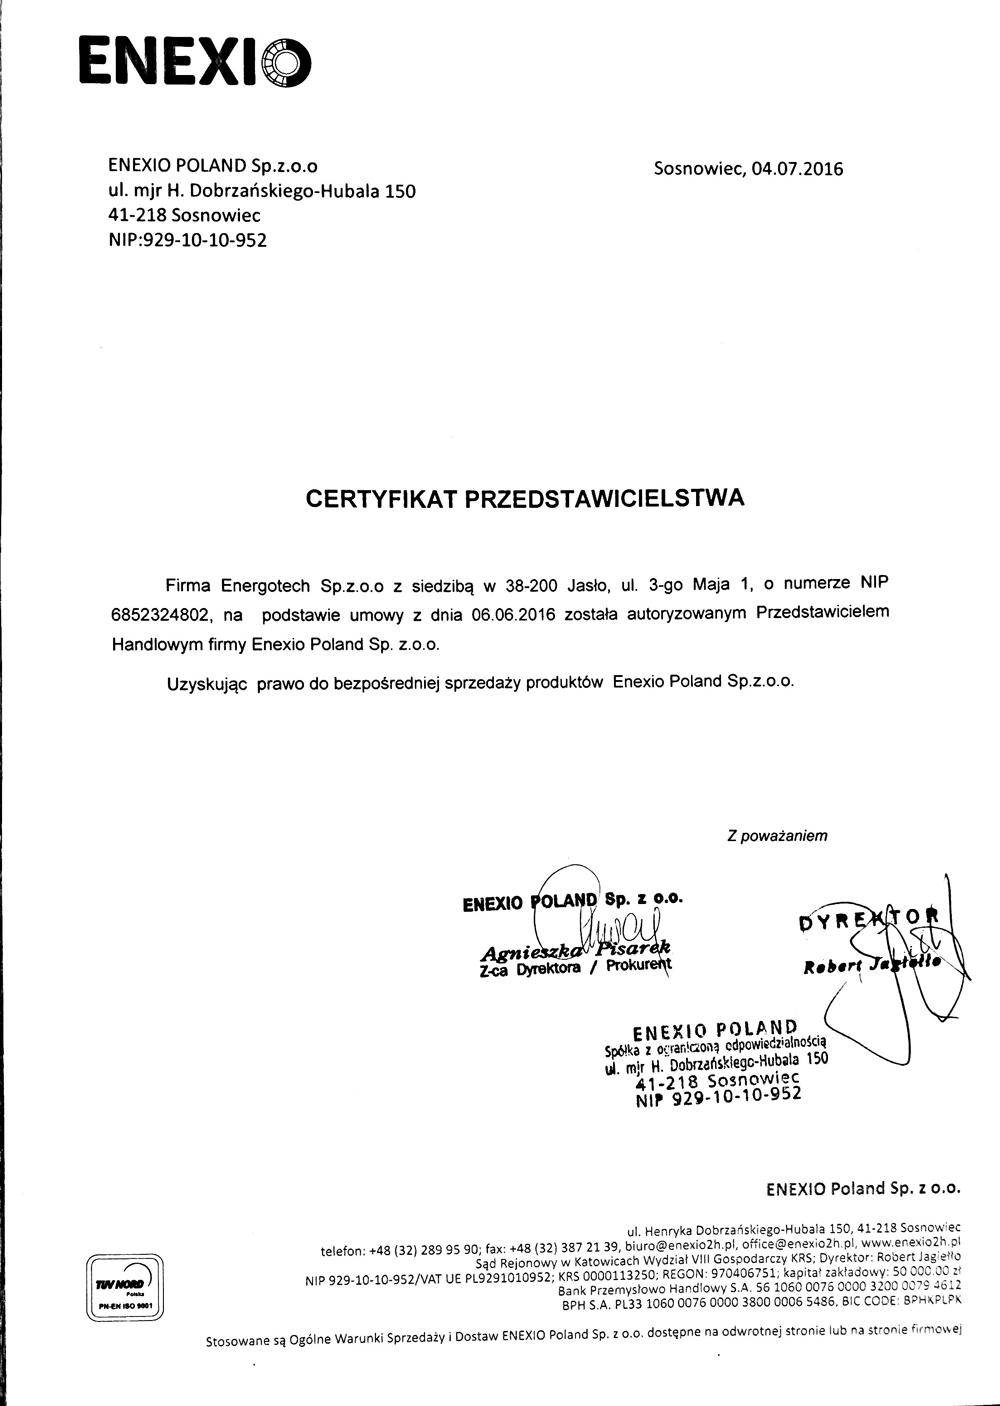 Certyfikat-przedstawicielstwa.jpg (231 KB)